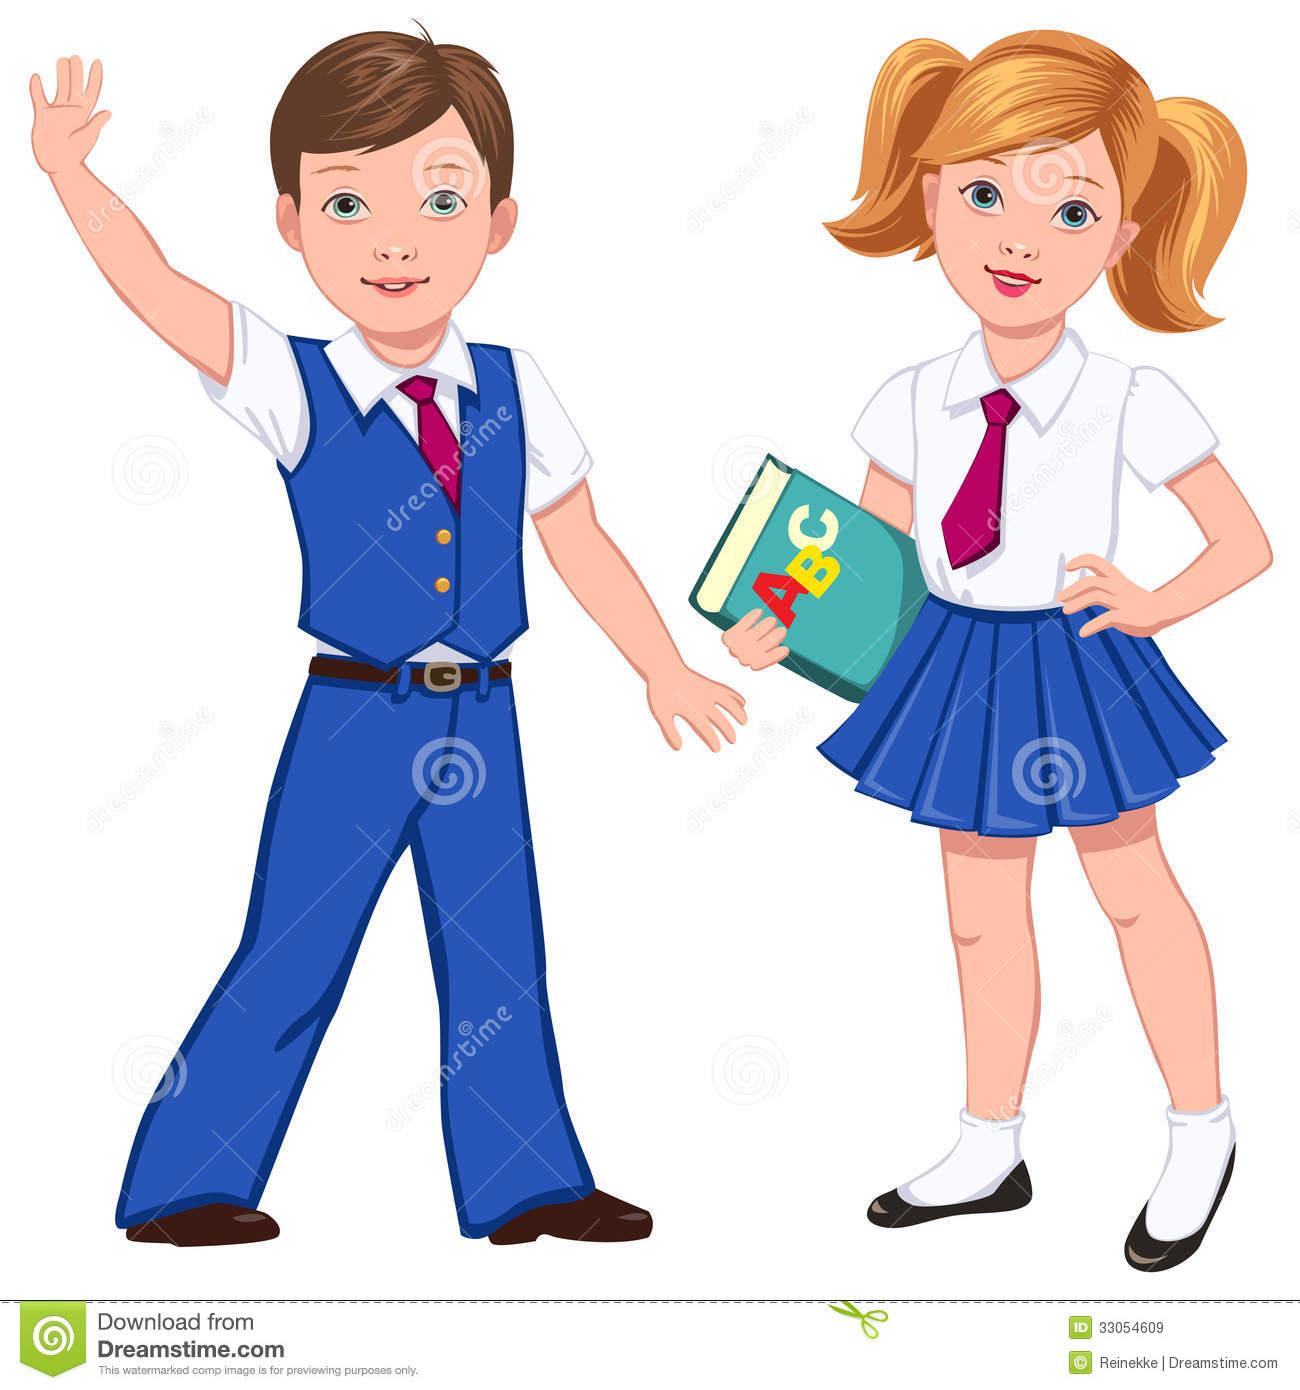 School uniform clothes clipart.